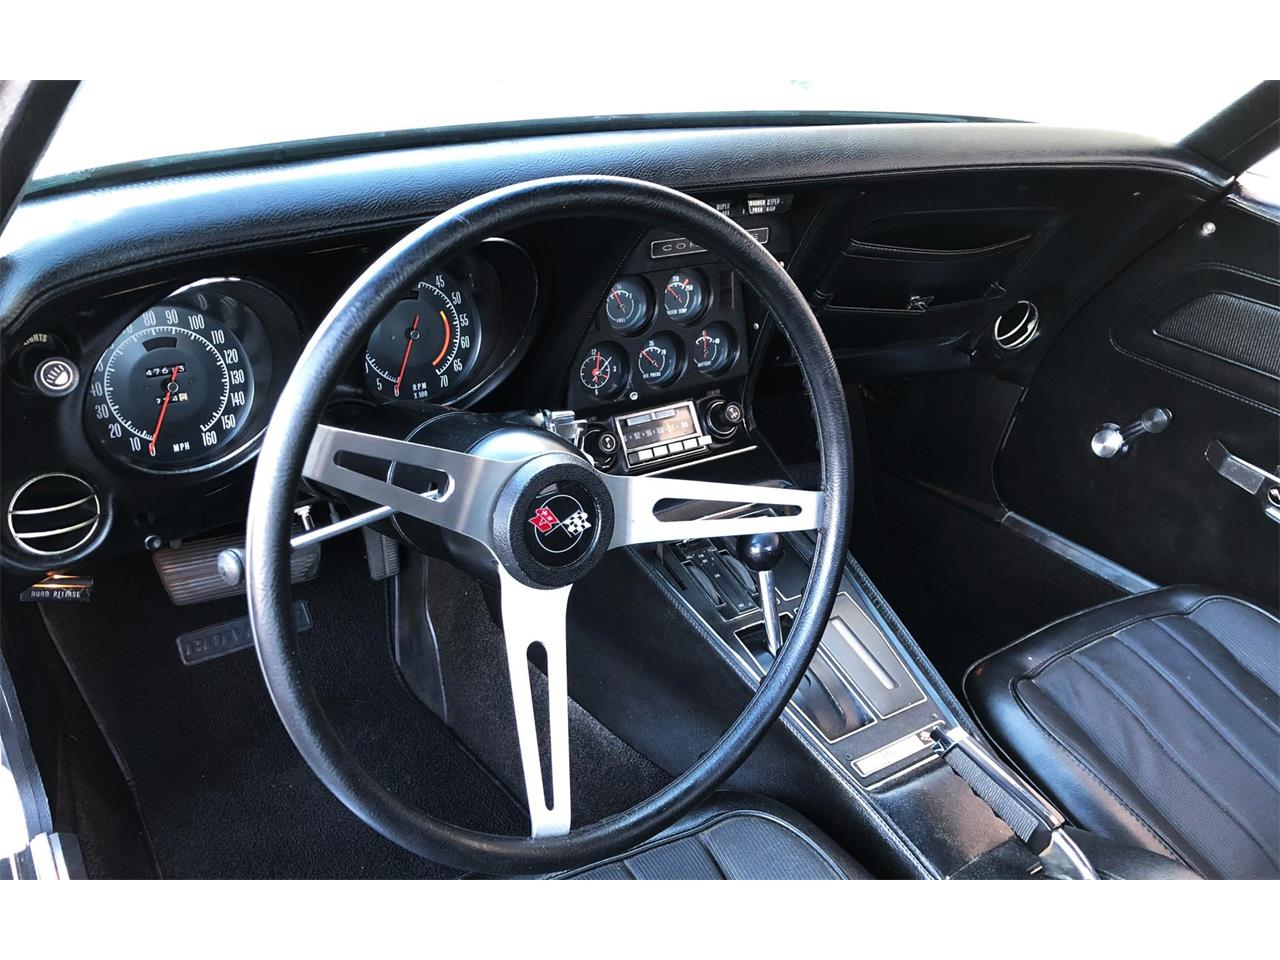 1972 Chevrolet Corvette (CC-1203220) for sale in Boise, Idaho